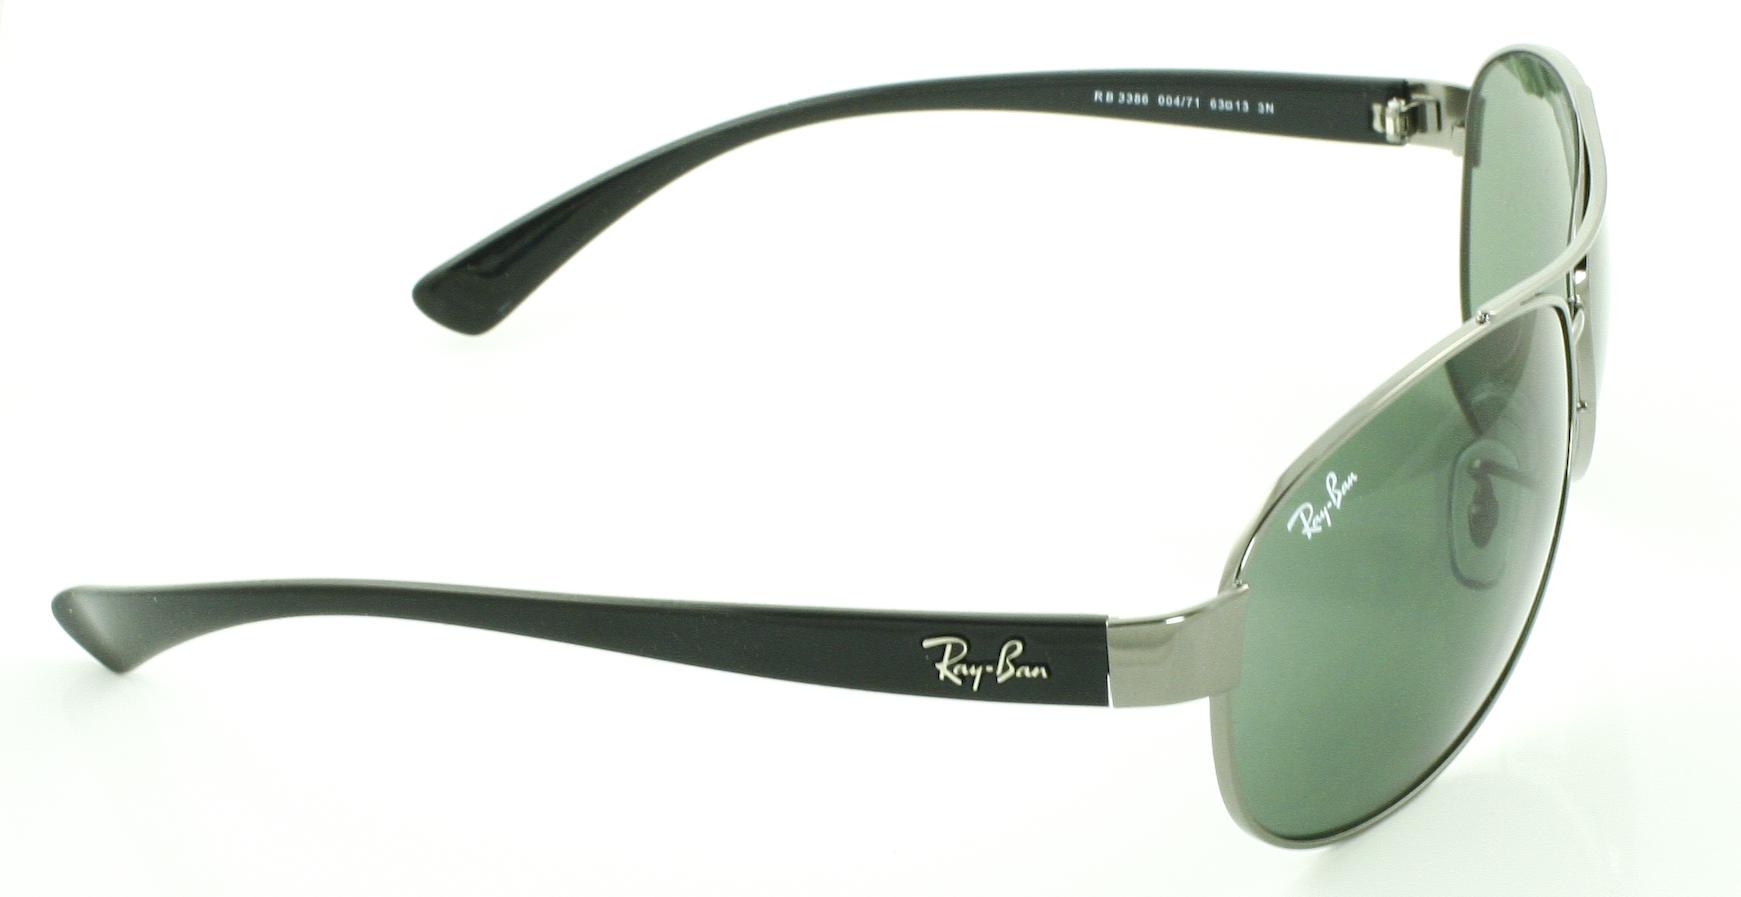 essayer des lunettes de soleil en ligne ray ban Découvrez et essayez en ligne ray-ban lunettes de soleil et nos lunettes de vue regardez comment sont réellement les lunettes en voyant notre outil.